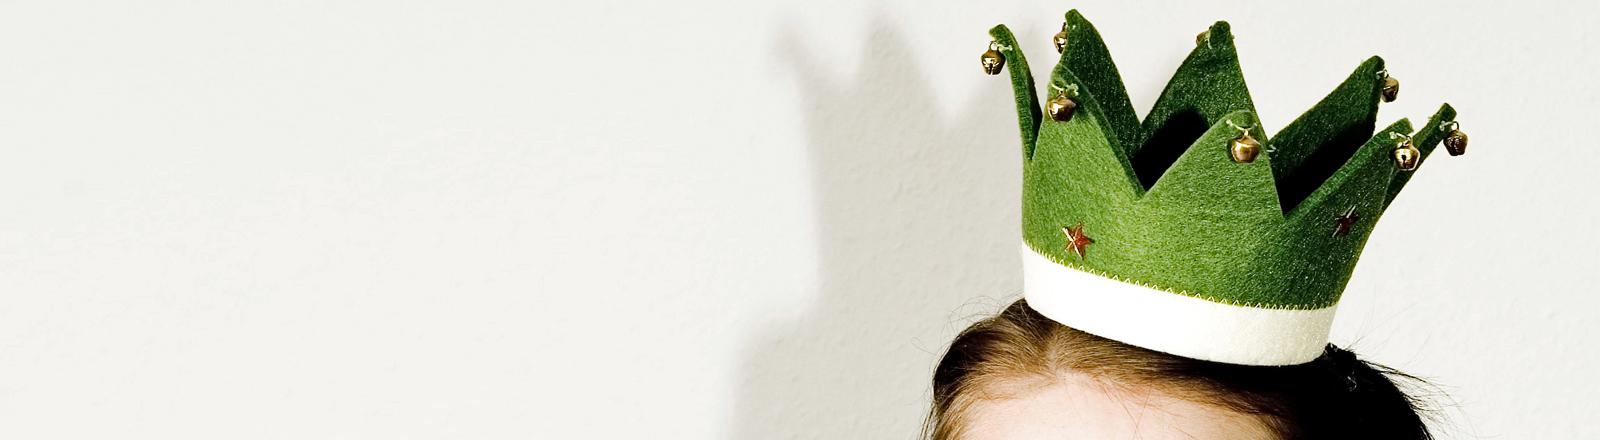 Eine Frau trägst eine nicht so schön aussehende Krone aus Filz.